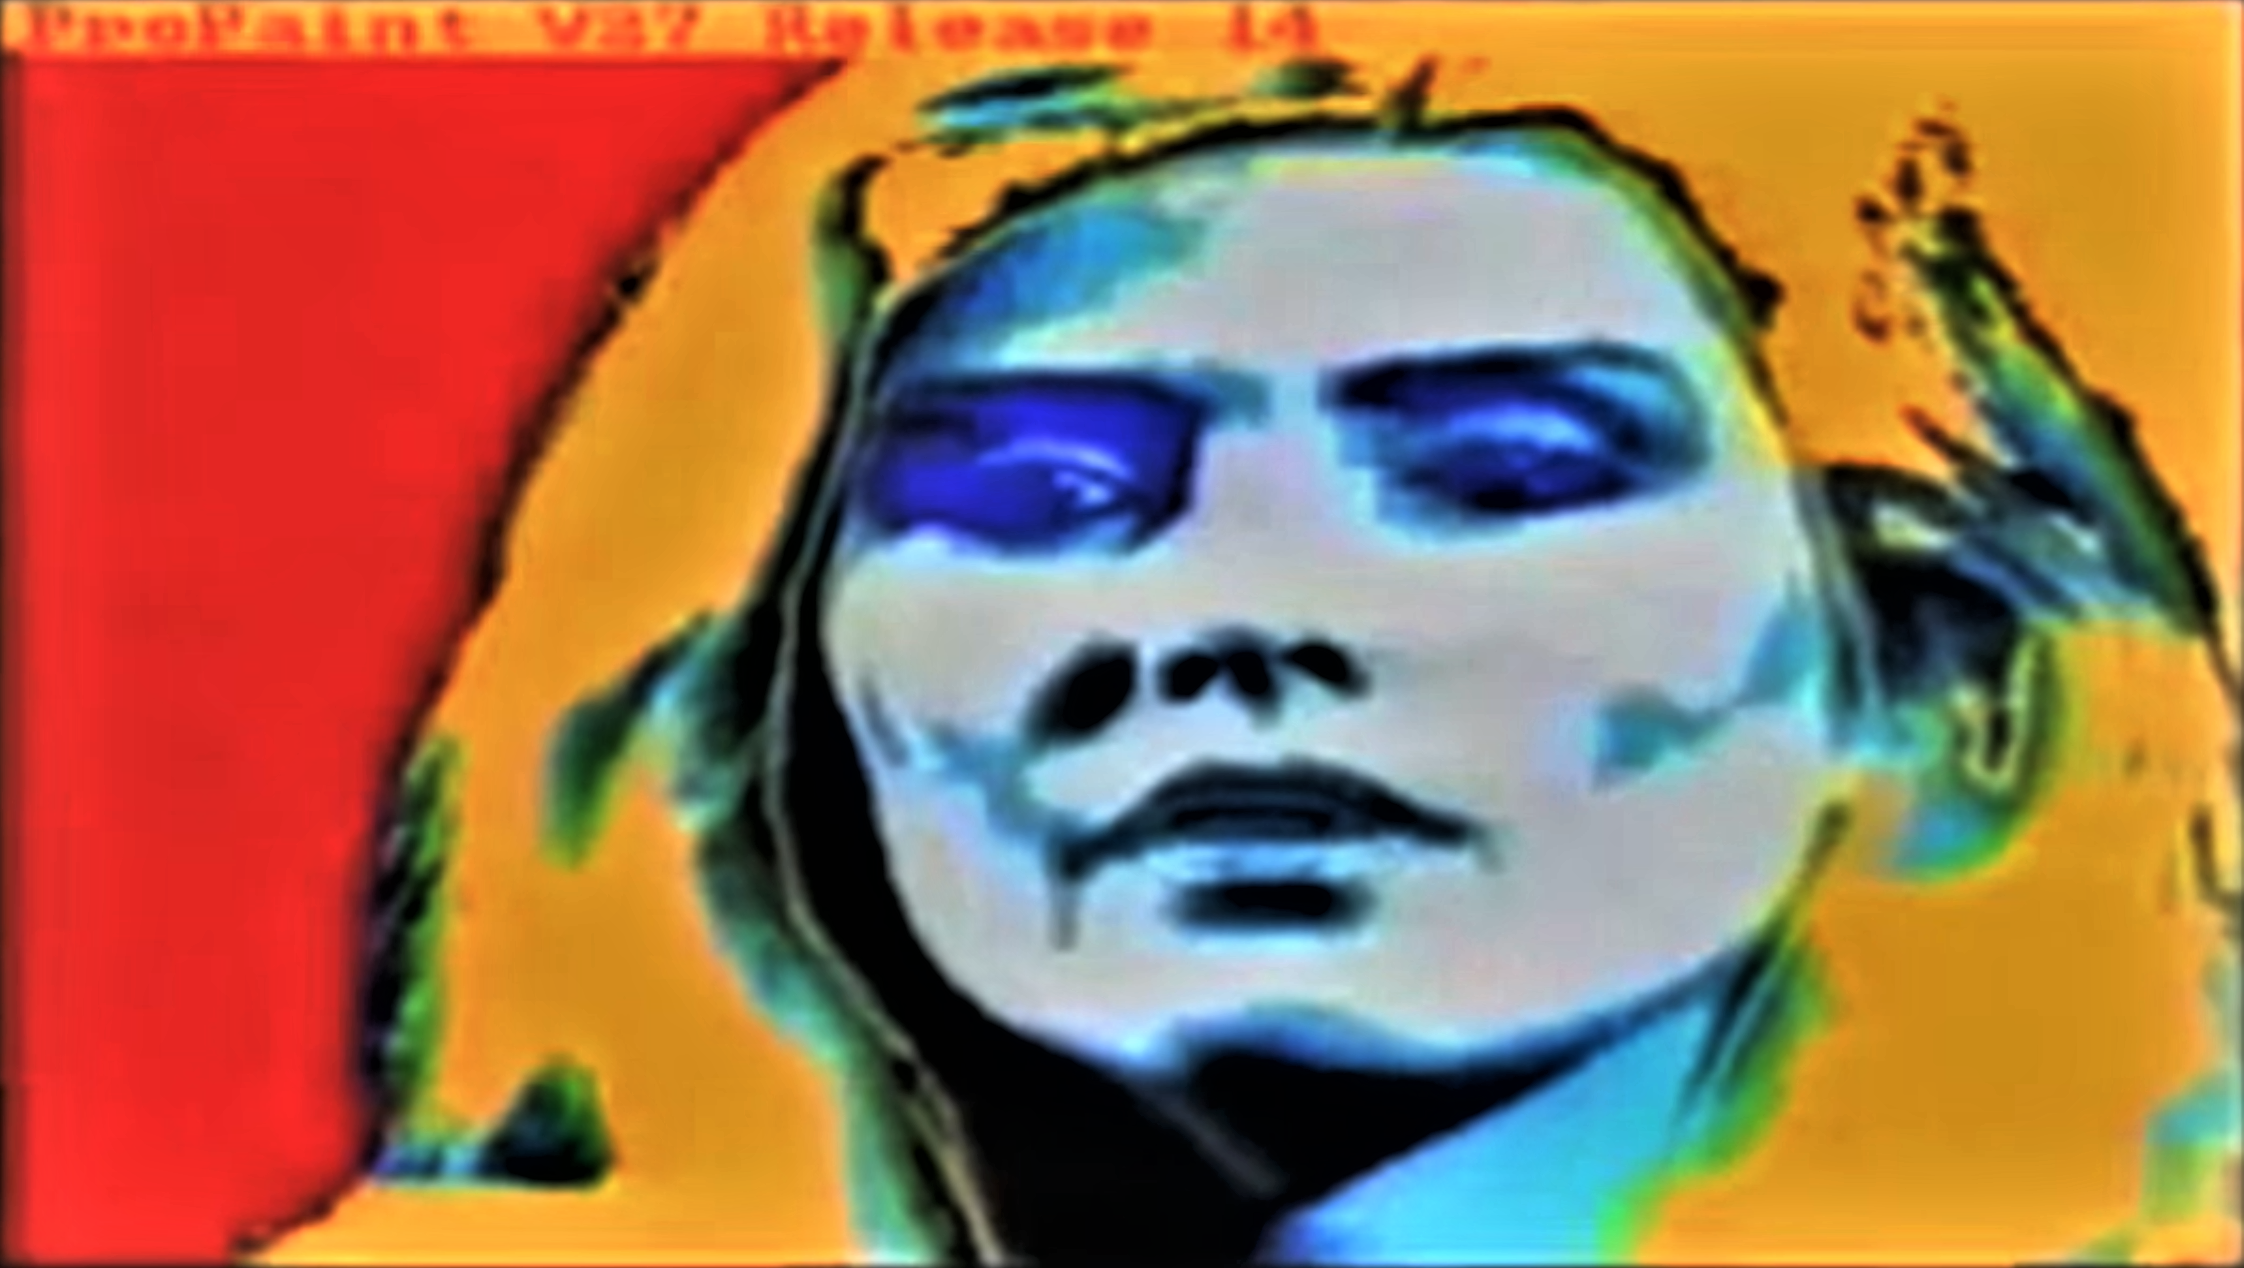 Warhol's Debbie Harry